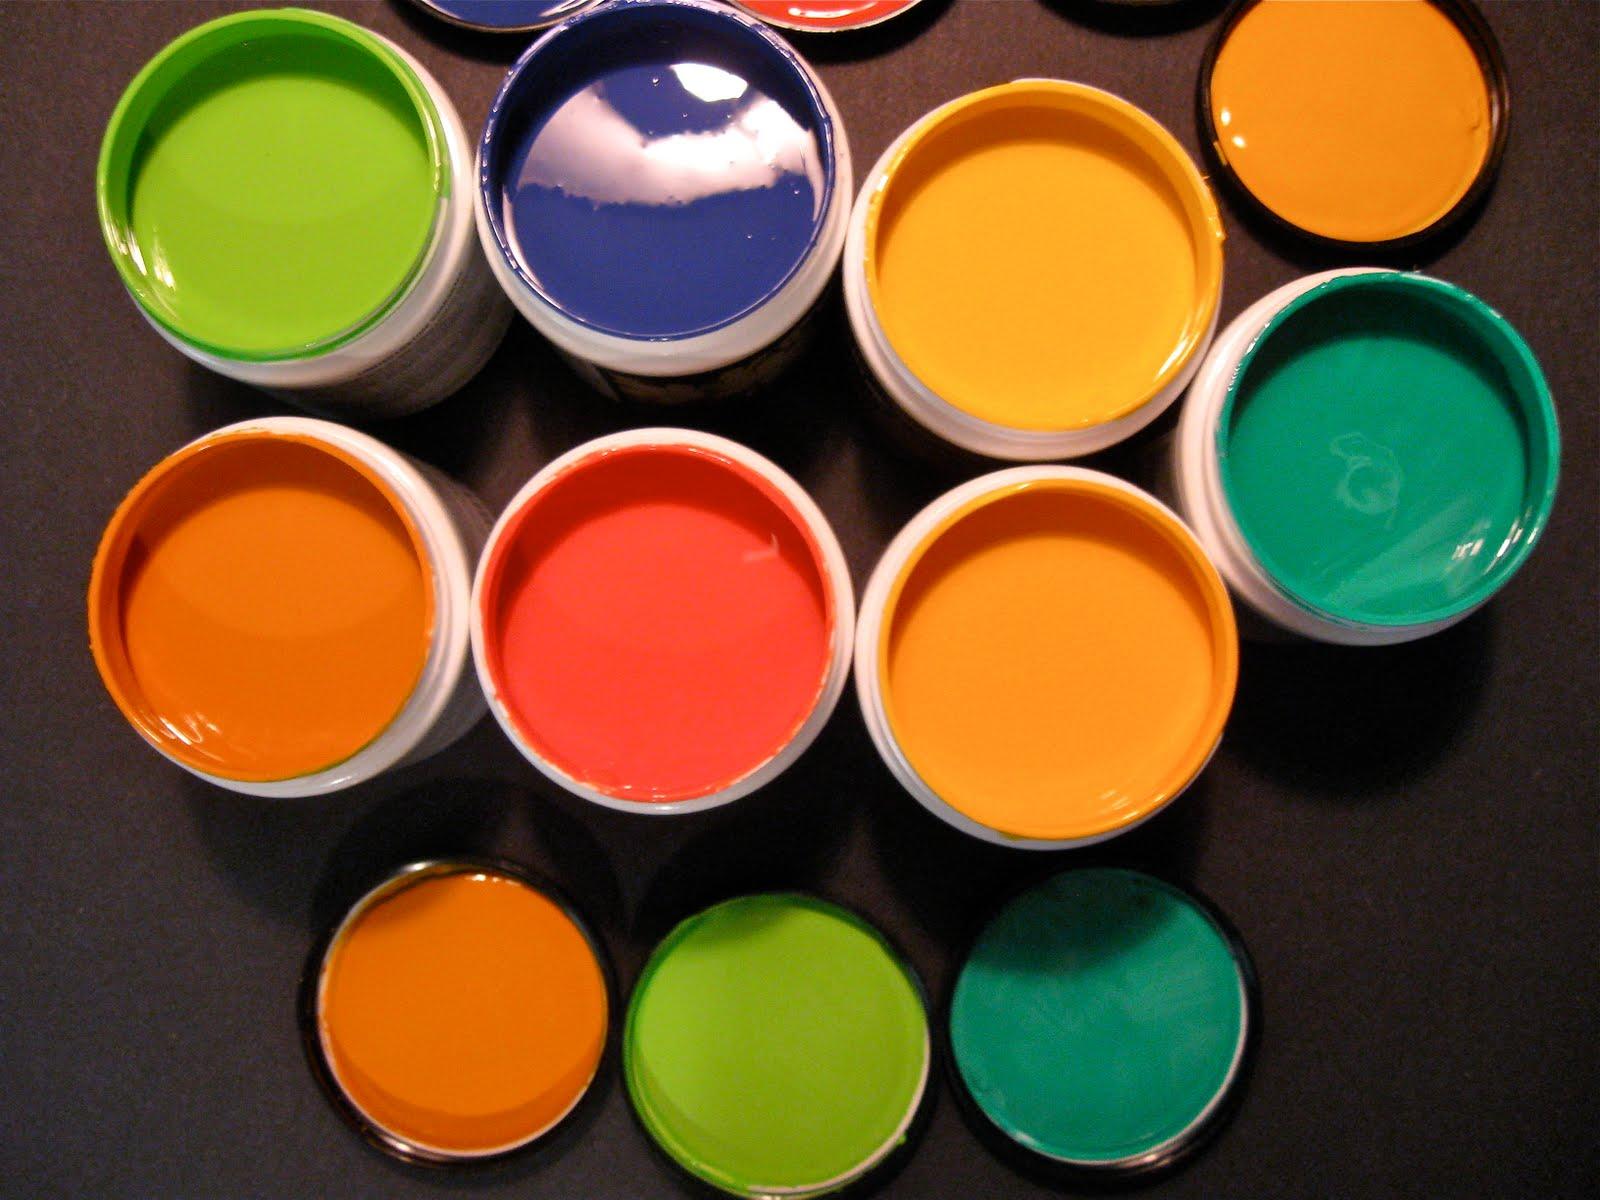 выбрать краски в интернет магазине